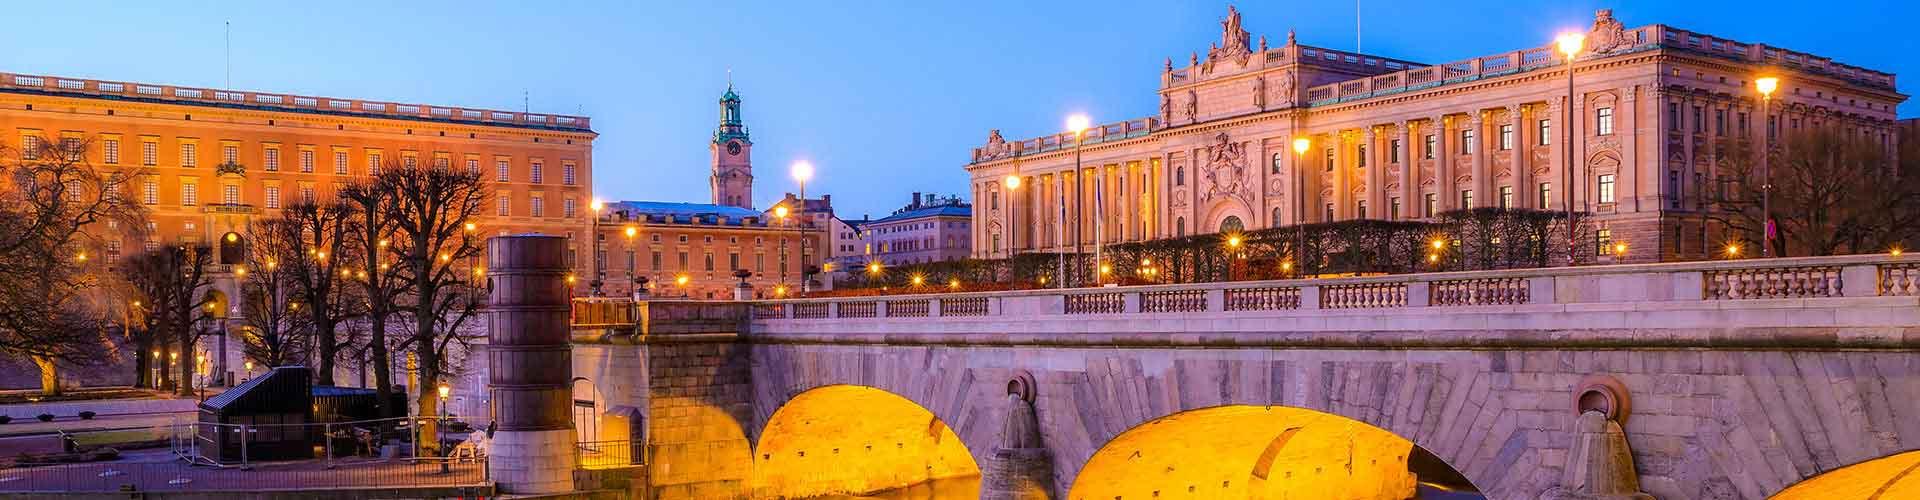 Stoccolma – Ostelli nella Gamla Stan zona. Mappe per Stoccolma, Foto e Recensioni per ogni ostello a Stoccolma.